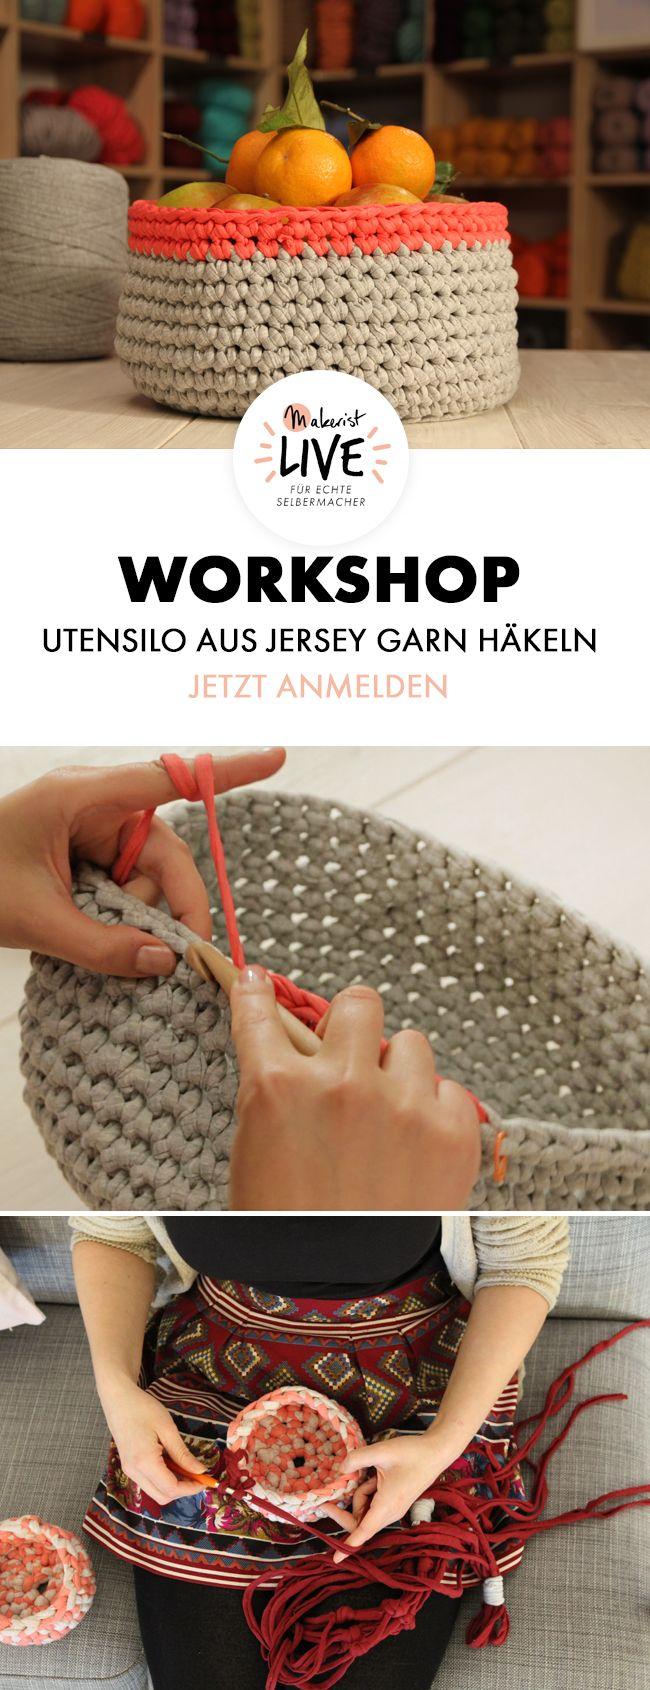 Utensilo Häkel-Workshop zur Makerist LIVE in Berlin im Mai 2017 - Jetzt buchen via Makerist.de